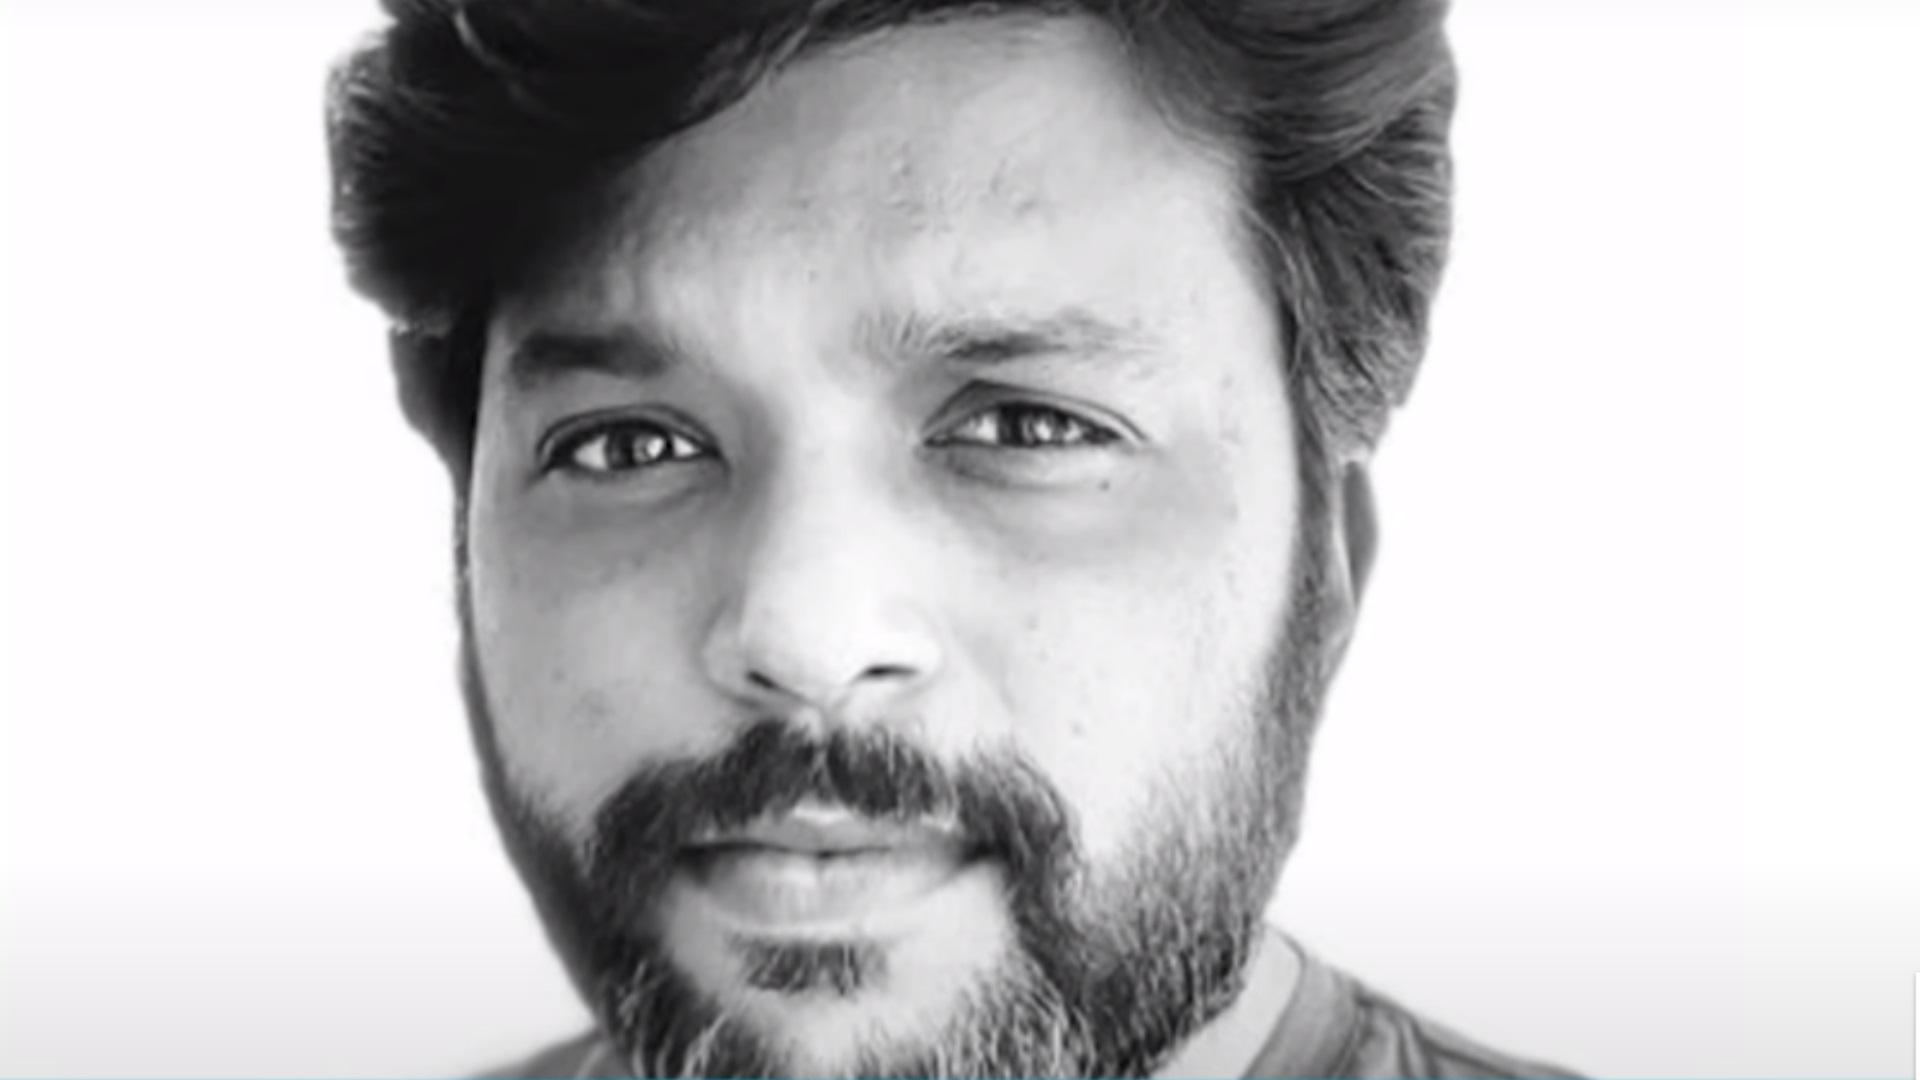 Αφγανιστάν: Νεκρός βραβευμένος δημοσιογράφος του Reuters